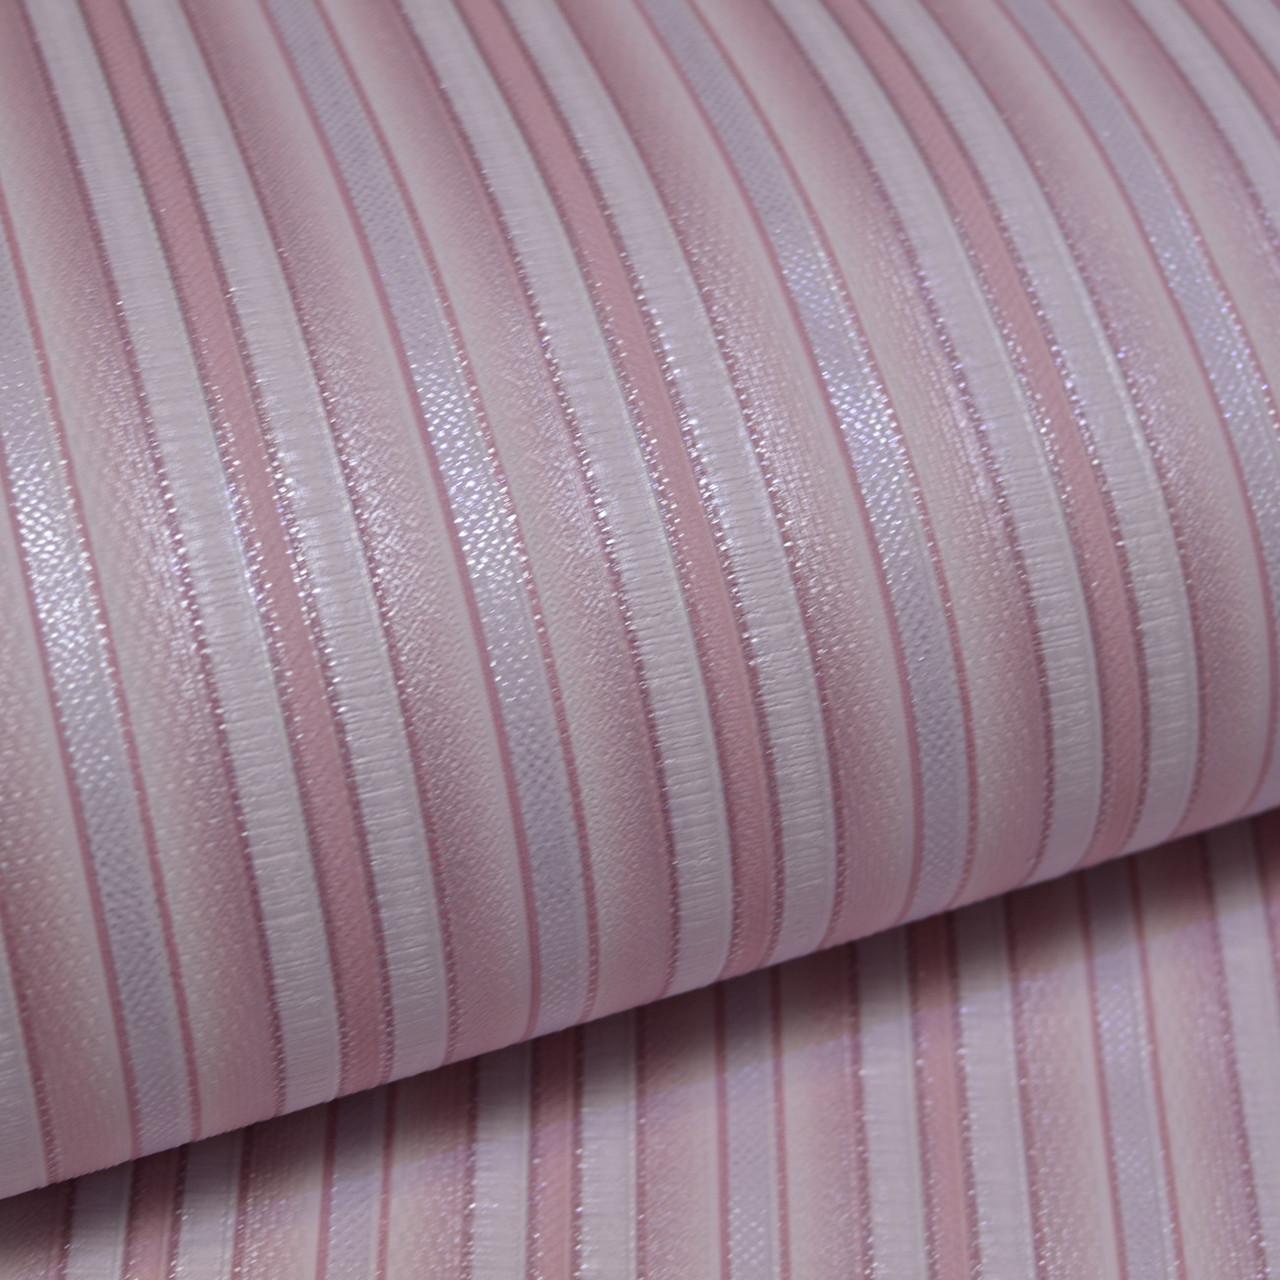 Обои, обои на стену, дуплекс, розовая полоска, B64,4 Фиеста 2 6547-06, 0,53*10м